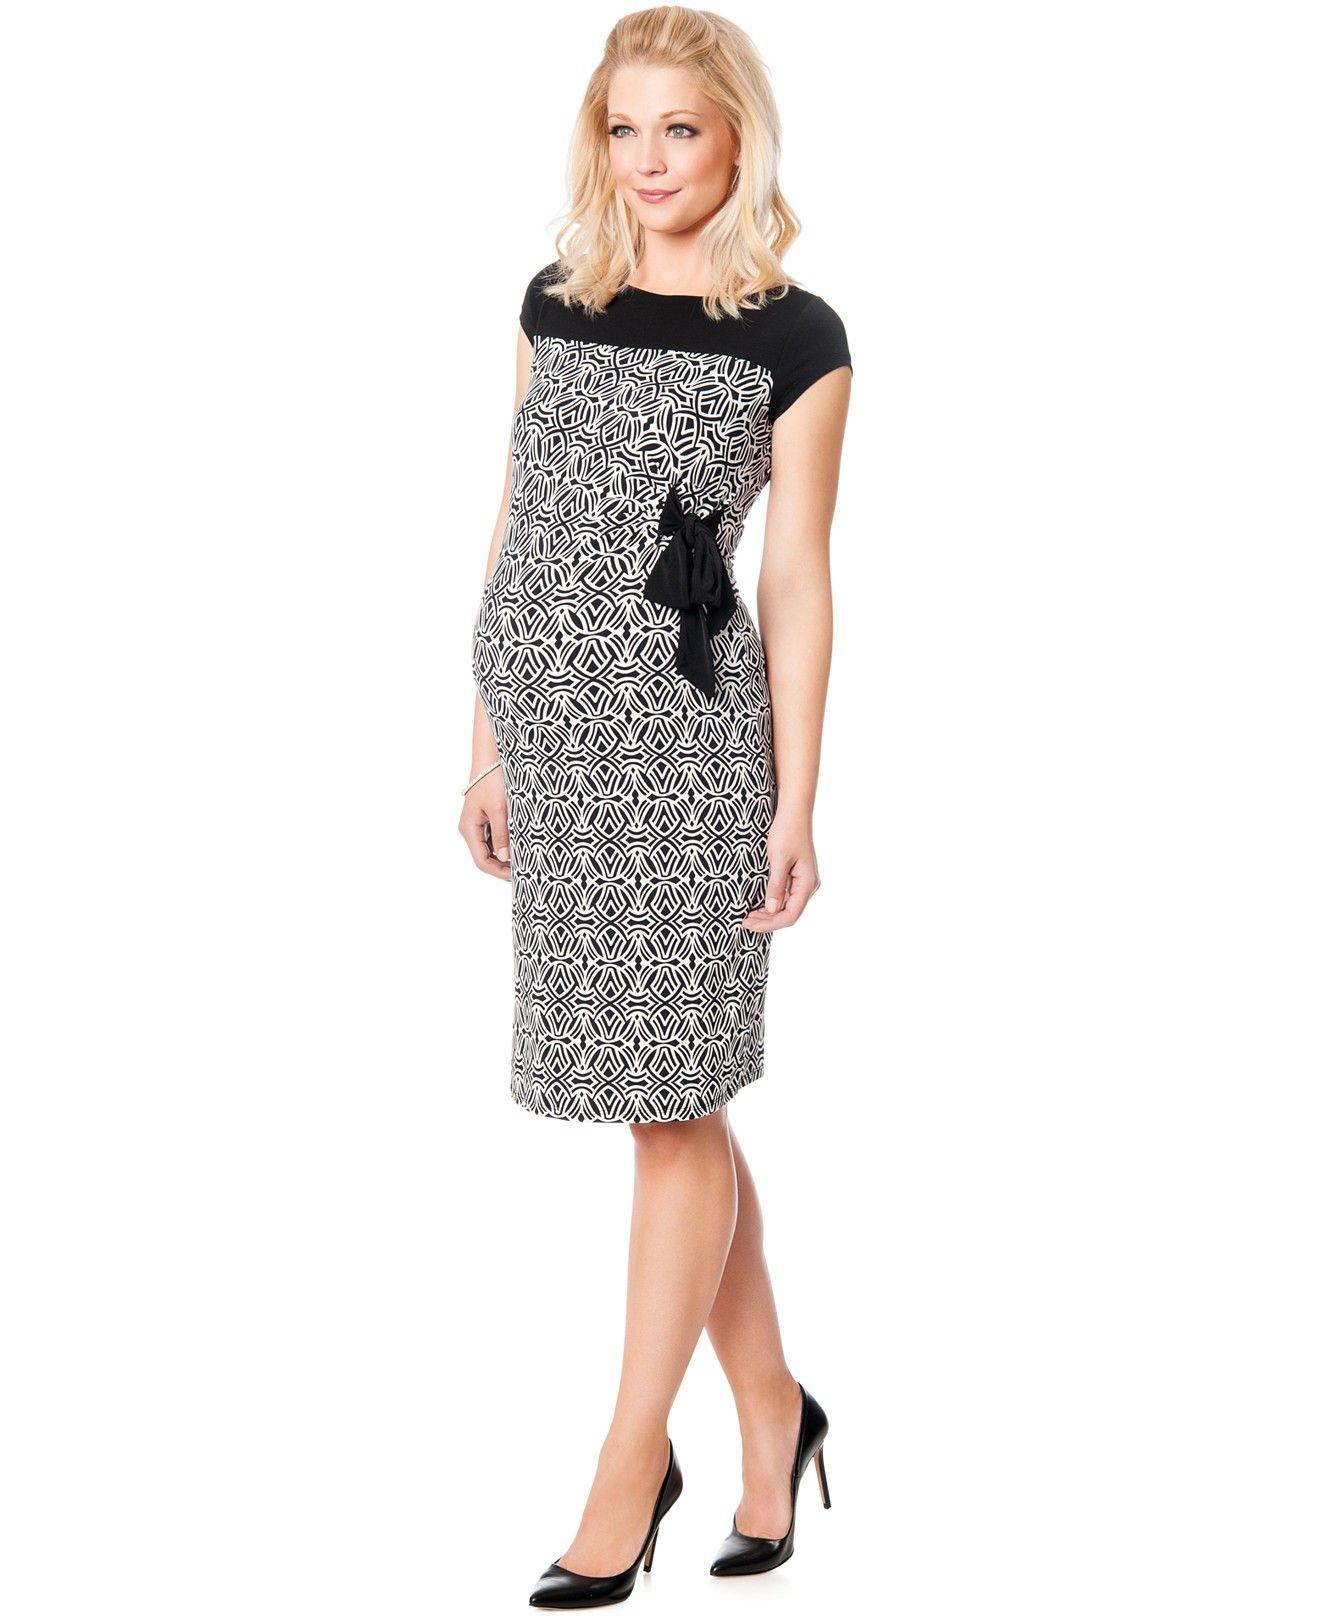 e20f12d34 Motherhood Maternity Printed Side-Tie Dress - Maternity - Women - Macy s